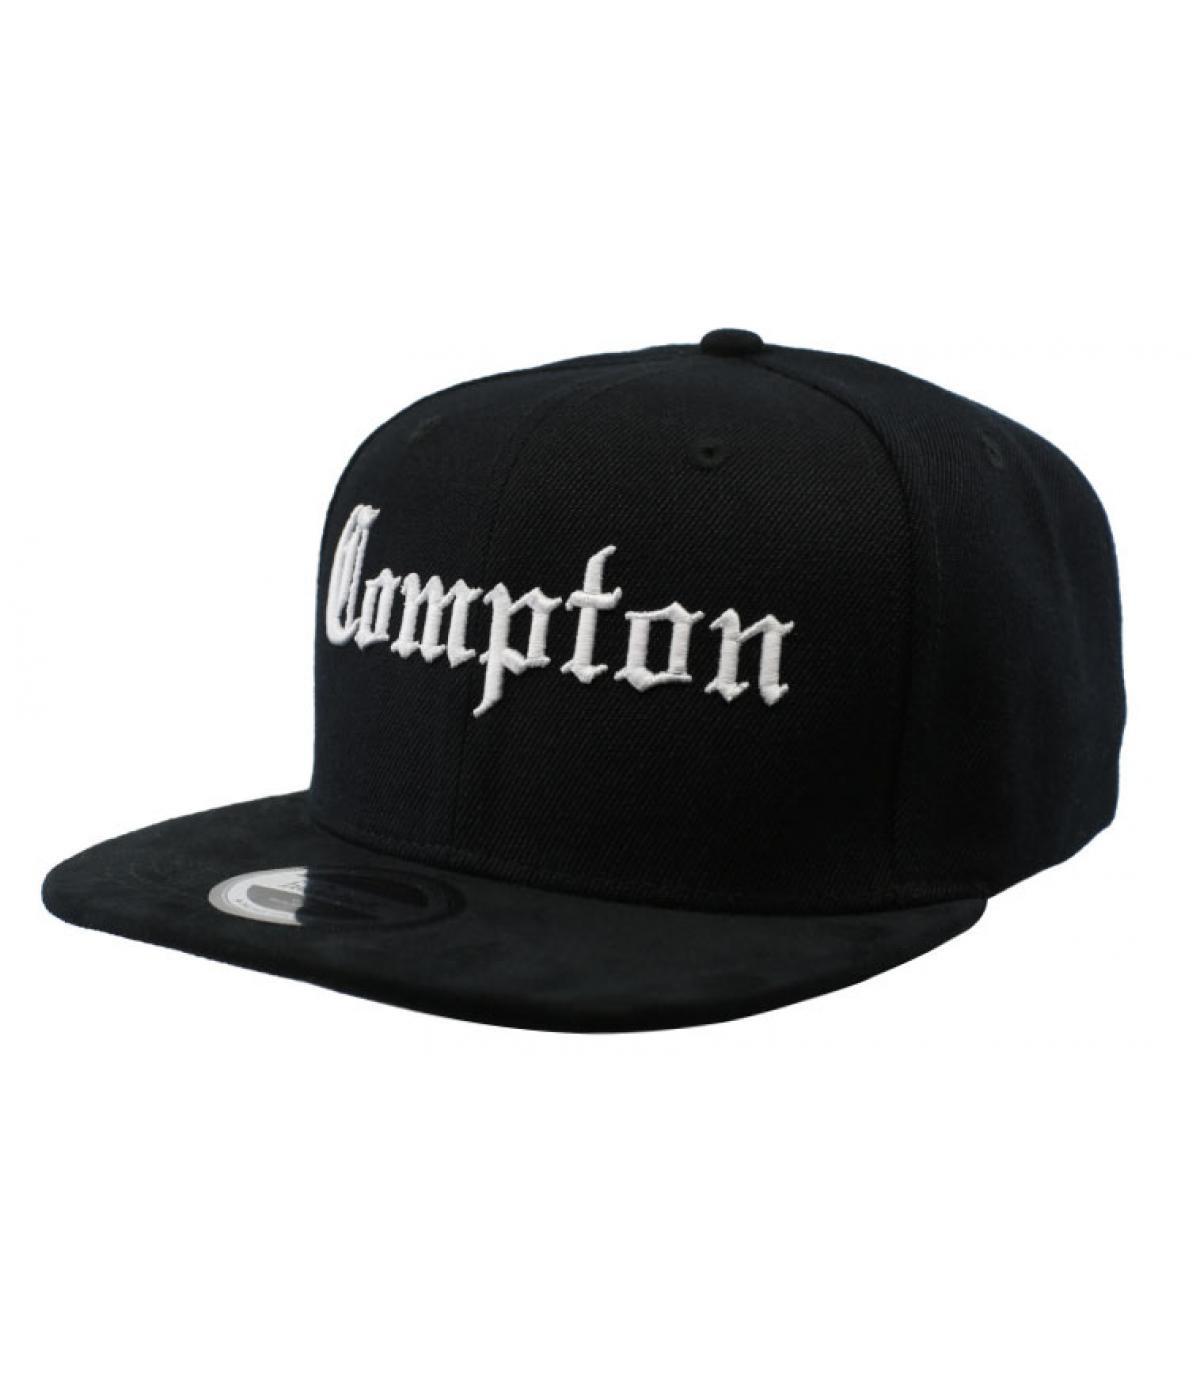 Compton cap